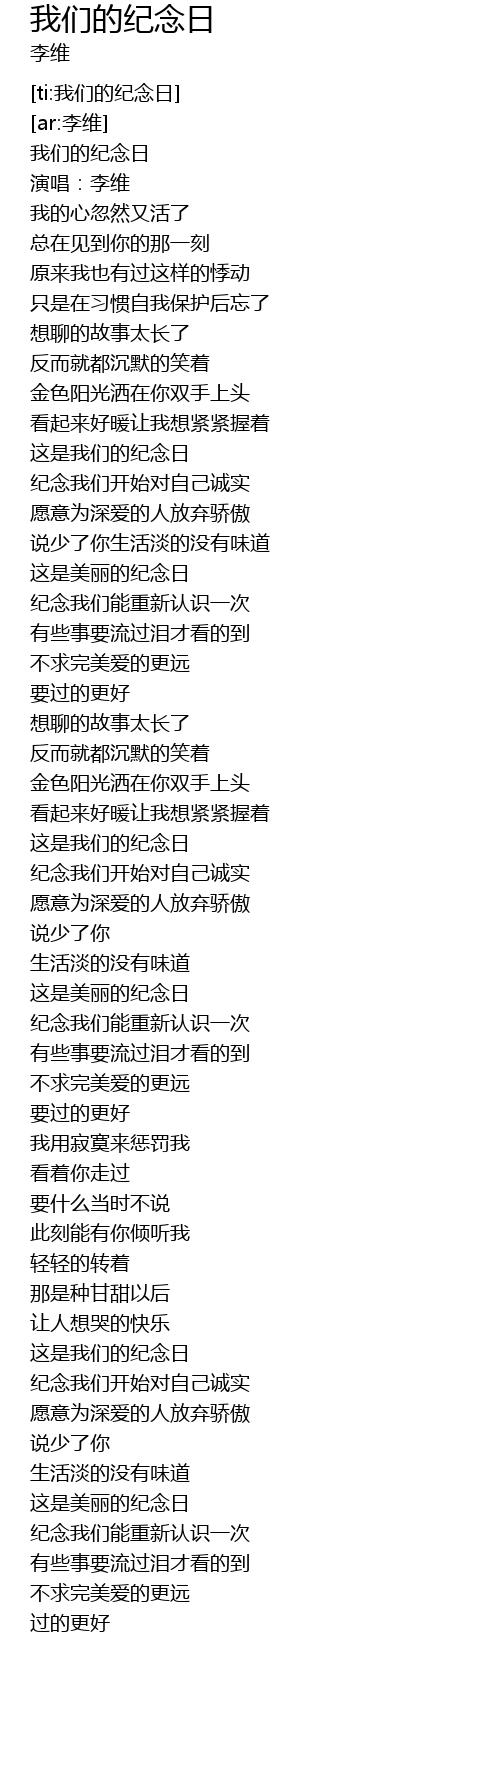 我們的紀念日 wo men de ji nian ri Lyrics - Follow Lyrics